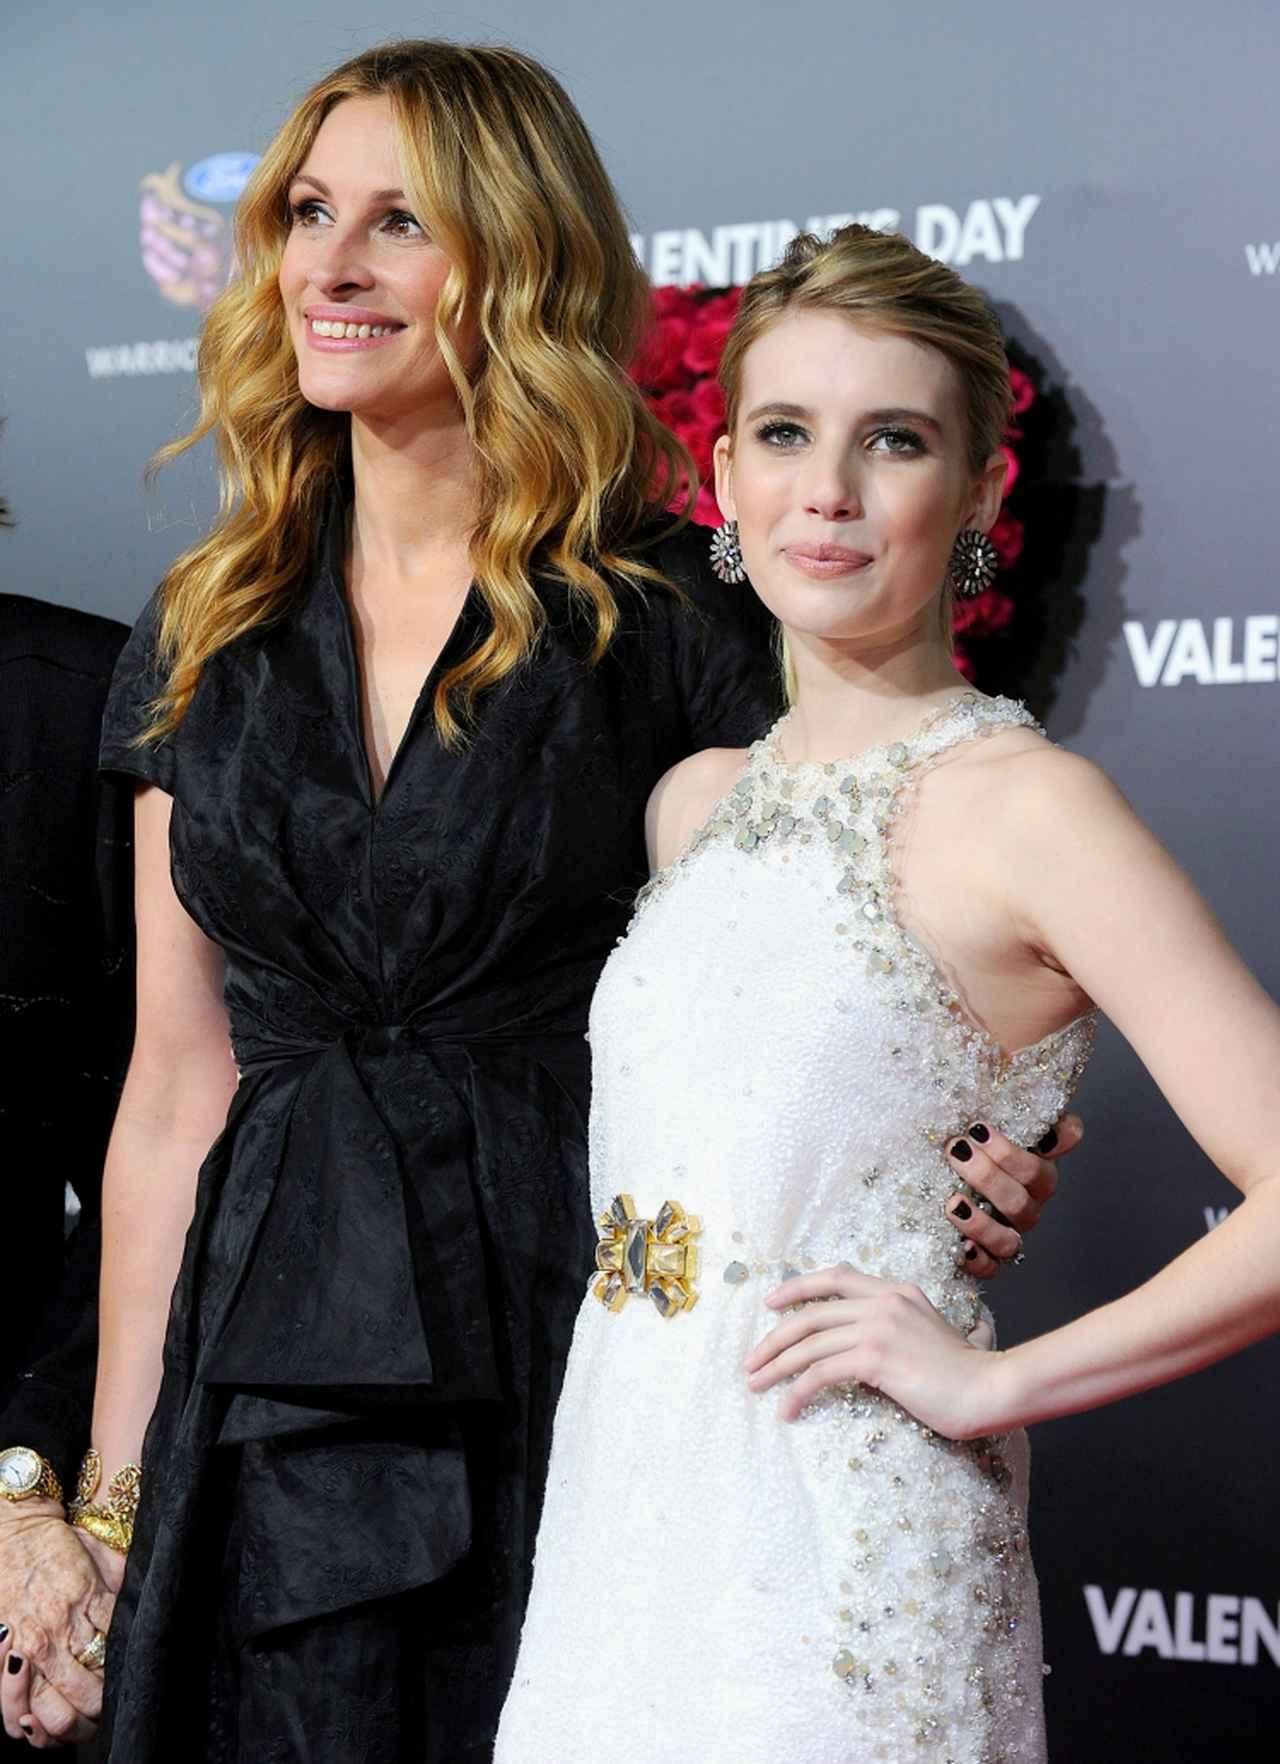 画像: ジュリアとエマは、映画『プリティ・ウーマン』のゲイリー・マーシャル監督による、さまざまな男女のバレンタインデーを描いたロマコメ映画『バレンタインデー』(2010年公開)にそれぞれ出演。プレミアでは叔母と姪が肩を並べた。